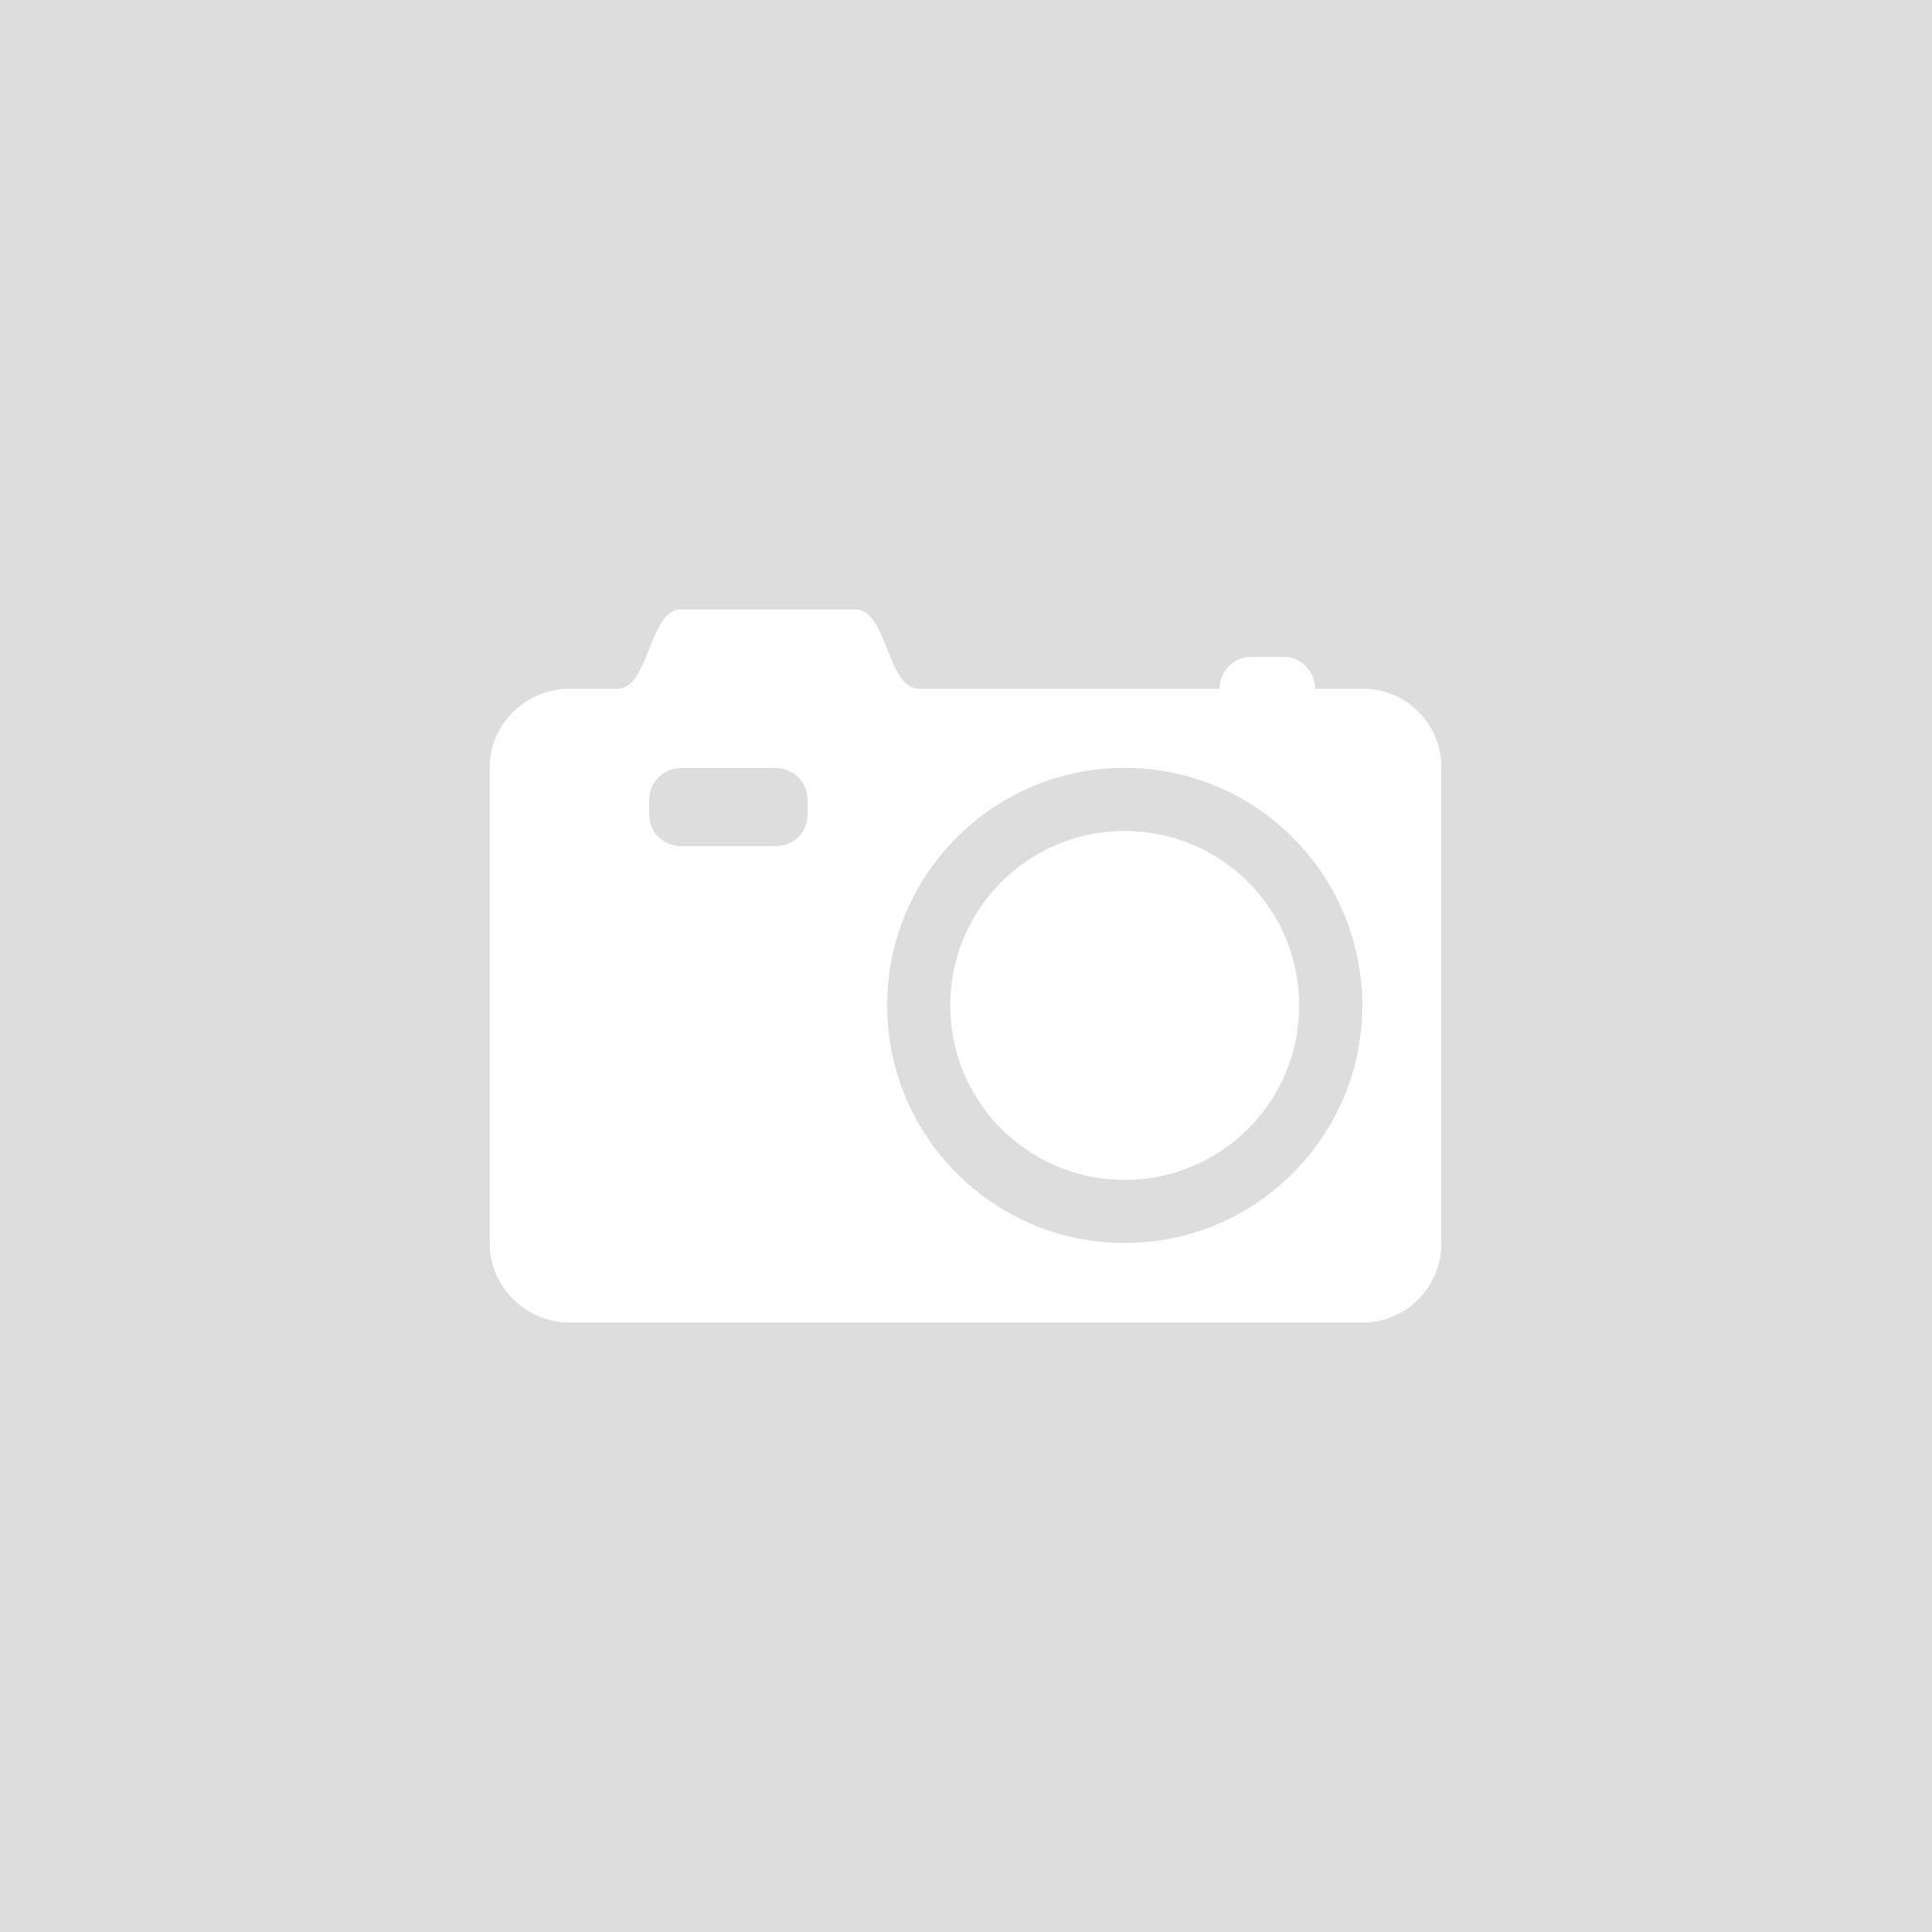 Satin Pleats Cushion in Teal by CIMC